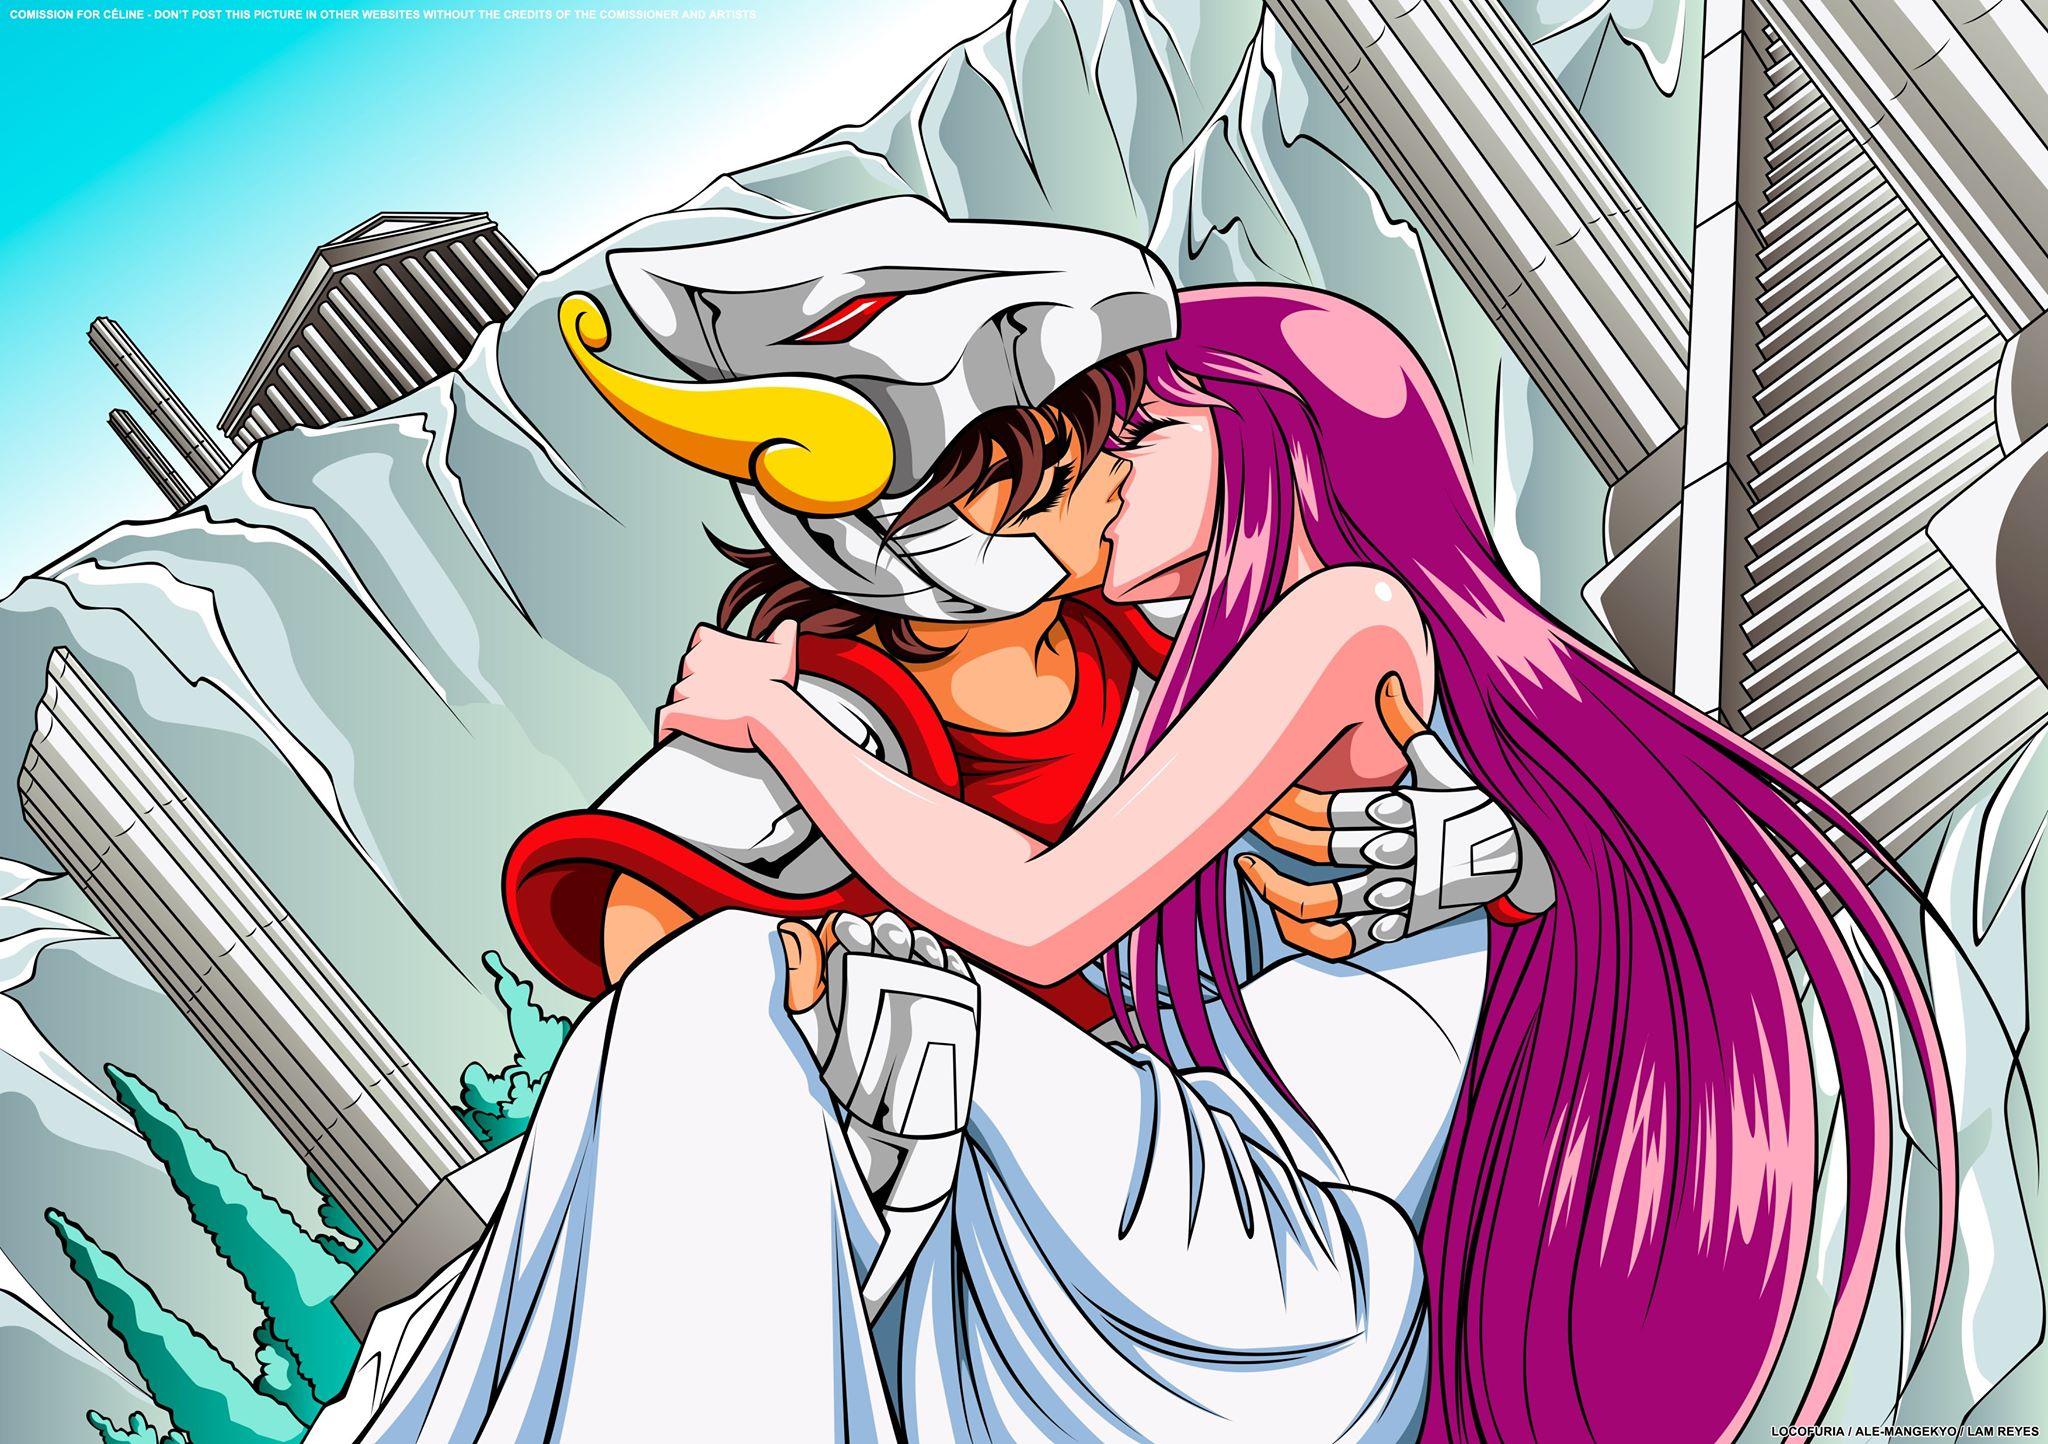 Seiya and Saori kissing